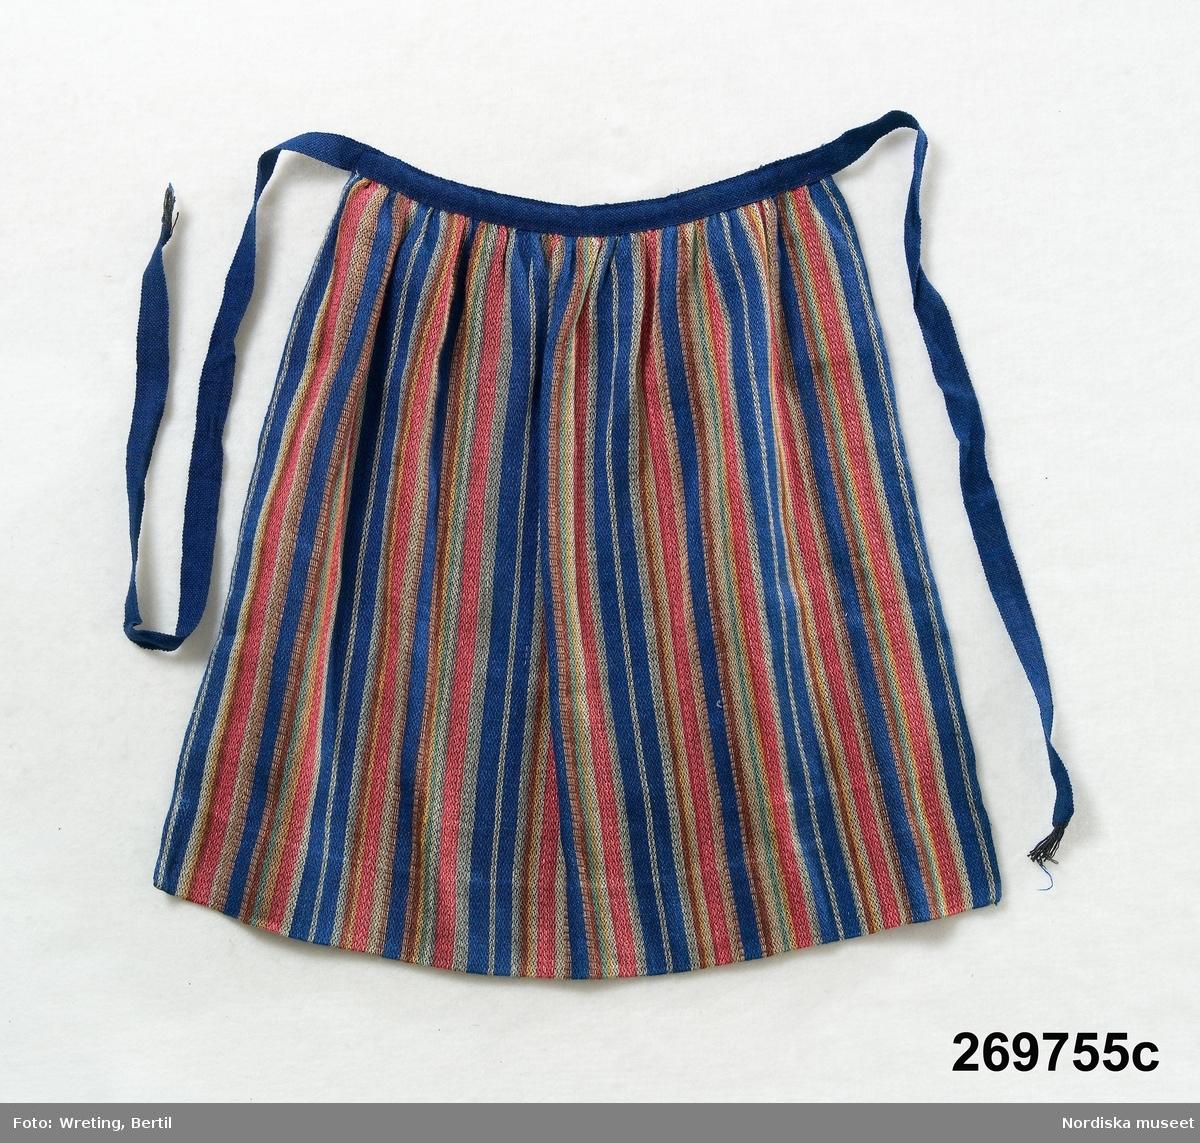 Danderydsdräkt för flicka konstruerad 1955, bestående av 4 delar. a. Kjol b. Livstycke c. Förkläde d. Överdel  a. Kjol i halvylle med varp av svart bomullsgarn och inslag av svart ullgarn och blått  lingarn, sydd i 2 våder, veckad mot bred linning, 24 cm bred fåll. b. Livstycke av rött spetskyprat linne, foder av vit bomullssatin, 2 par knappar av silver i form av 5-bladig blomma sammanhållna med kedjelänkar. c. Förkläde halvlinne med svart bomullsvarp och randigt inslag av lingarn i blått, gult, rött, grått och brunt.Linneing och knytband av blått ylle, 5 cm bred fåll. d. Överdel av vit linnelärft med snibbskuren krage, knäppning fram med 4 par tryckknappar, stråveck. Ärmar vidsydda med ärmspjäll, knäppt ärmlinning kantad med smal knypplad spets.  Buren av Calill Randall-Edström, hennes systrar Camilla och Cisela hade  likadana sydda av modern Carola Randall- Edström som var ordförande i sockendräktskommittén som 1955 konstruerade dräkten. För vuxen kvinna finns även en mössa  som är inspirerad av Kristina Banérs mössa (1600-t) .på en porträttmålning som hänger på Djursholms slott.  Foton från 1955 på flickorna i sina dräkter se kapsel i folioformat med Folkdräktsrörelsen: Uppland, Danderyd.  Berit Eldvik juli 2005